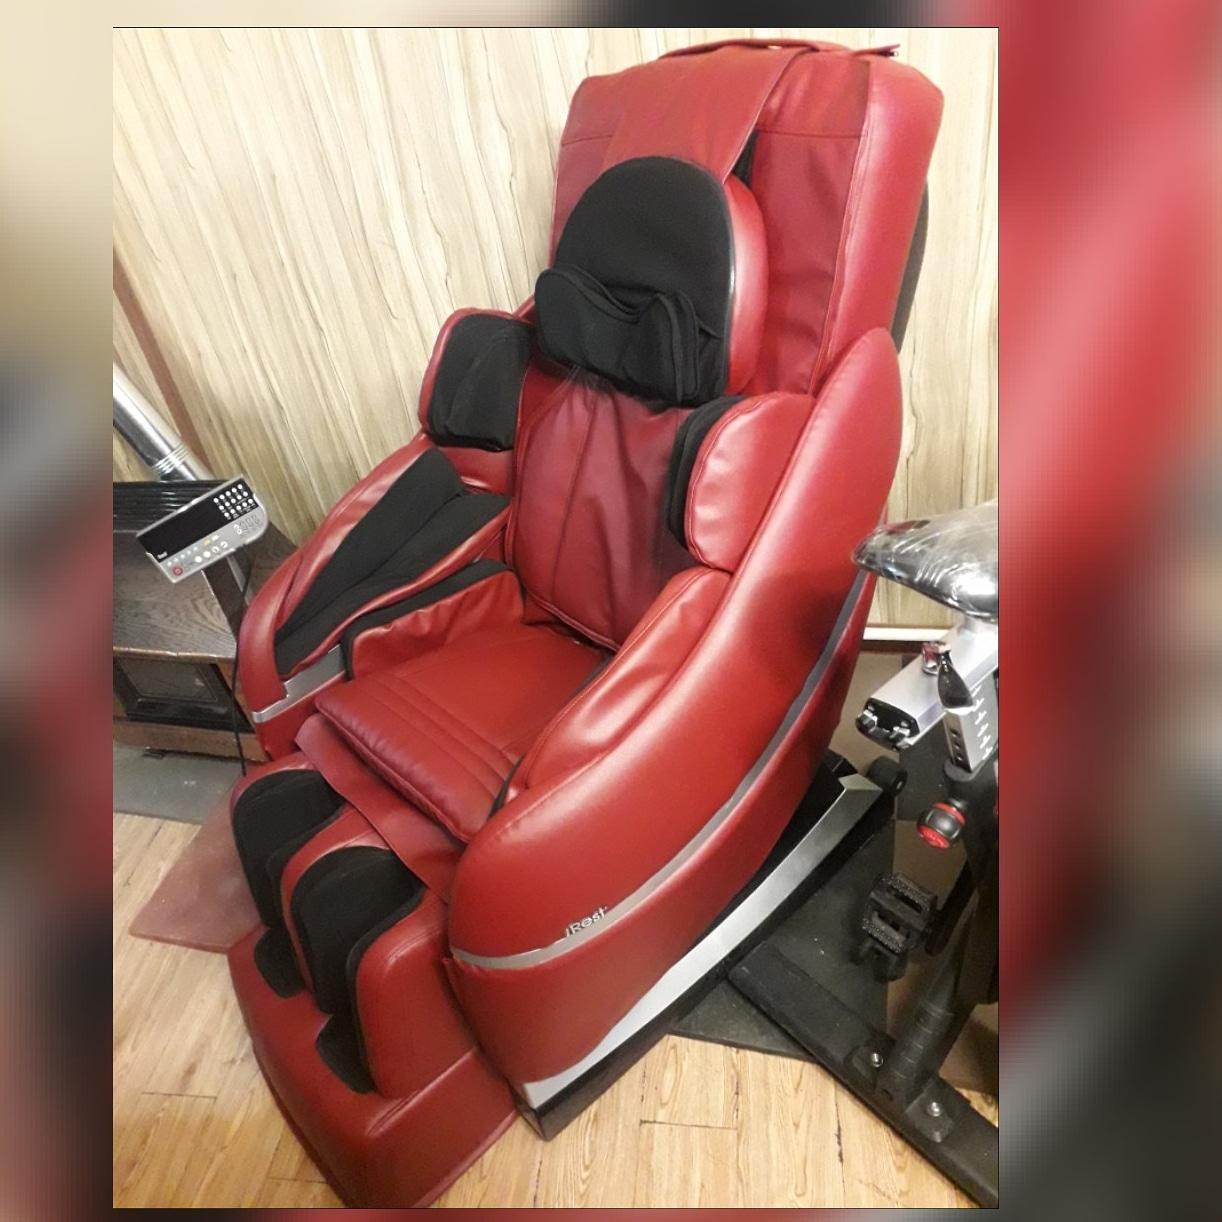 تعویض روکش صندلی ماساژ و دستگاه بدنسازی